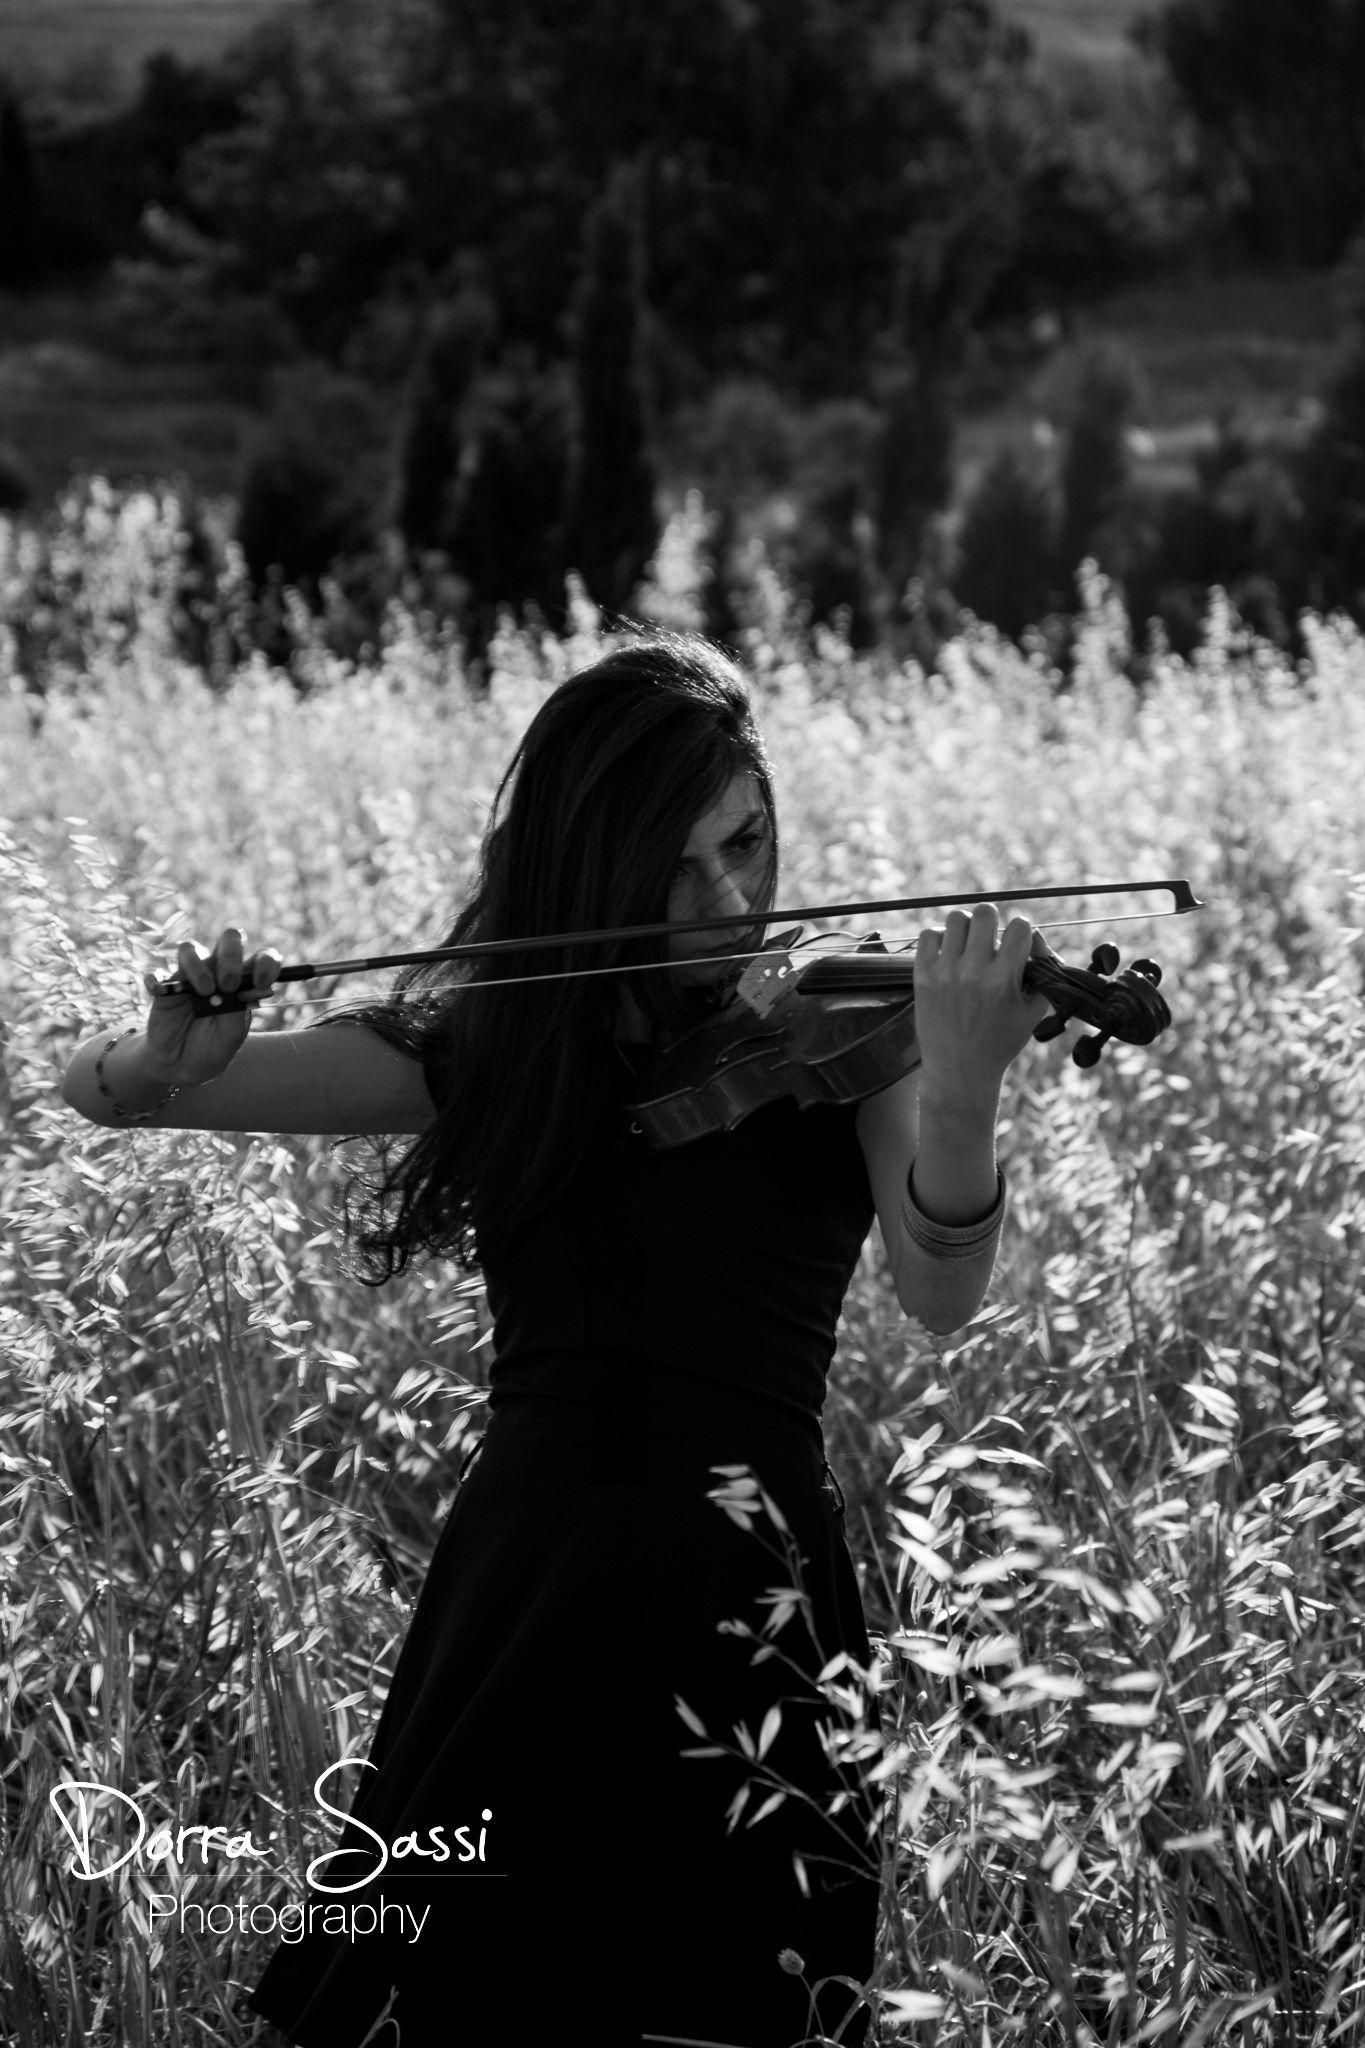 violon girl by Dorra sassi